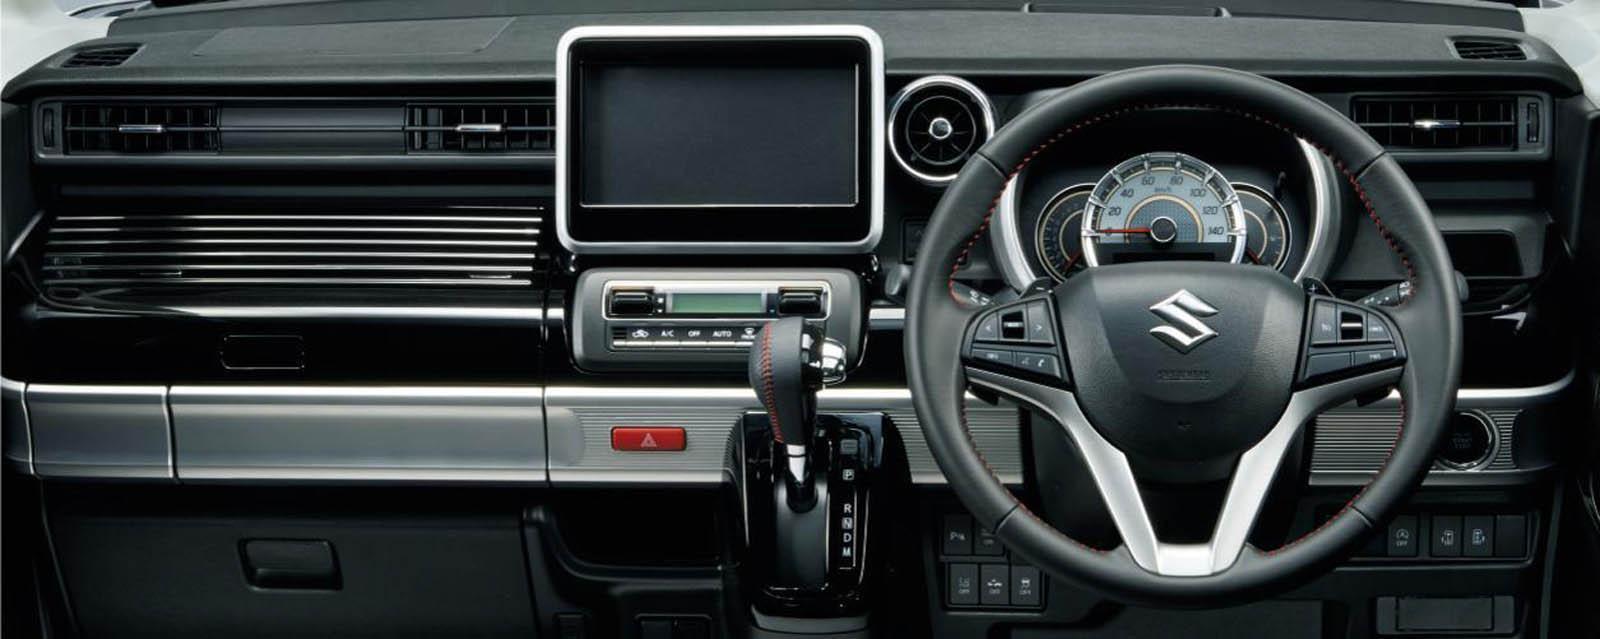 Suzuki Spacia 2018 (35)